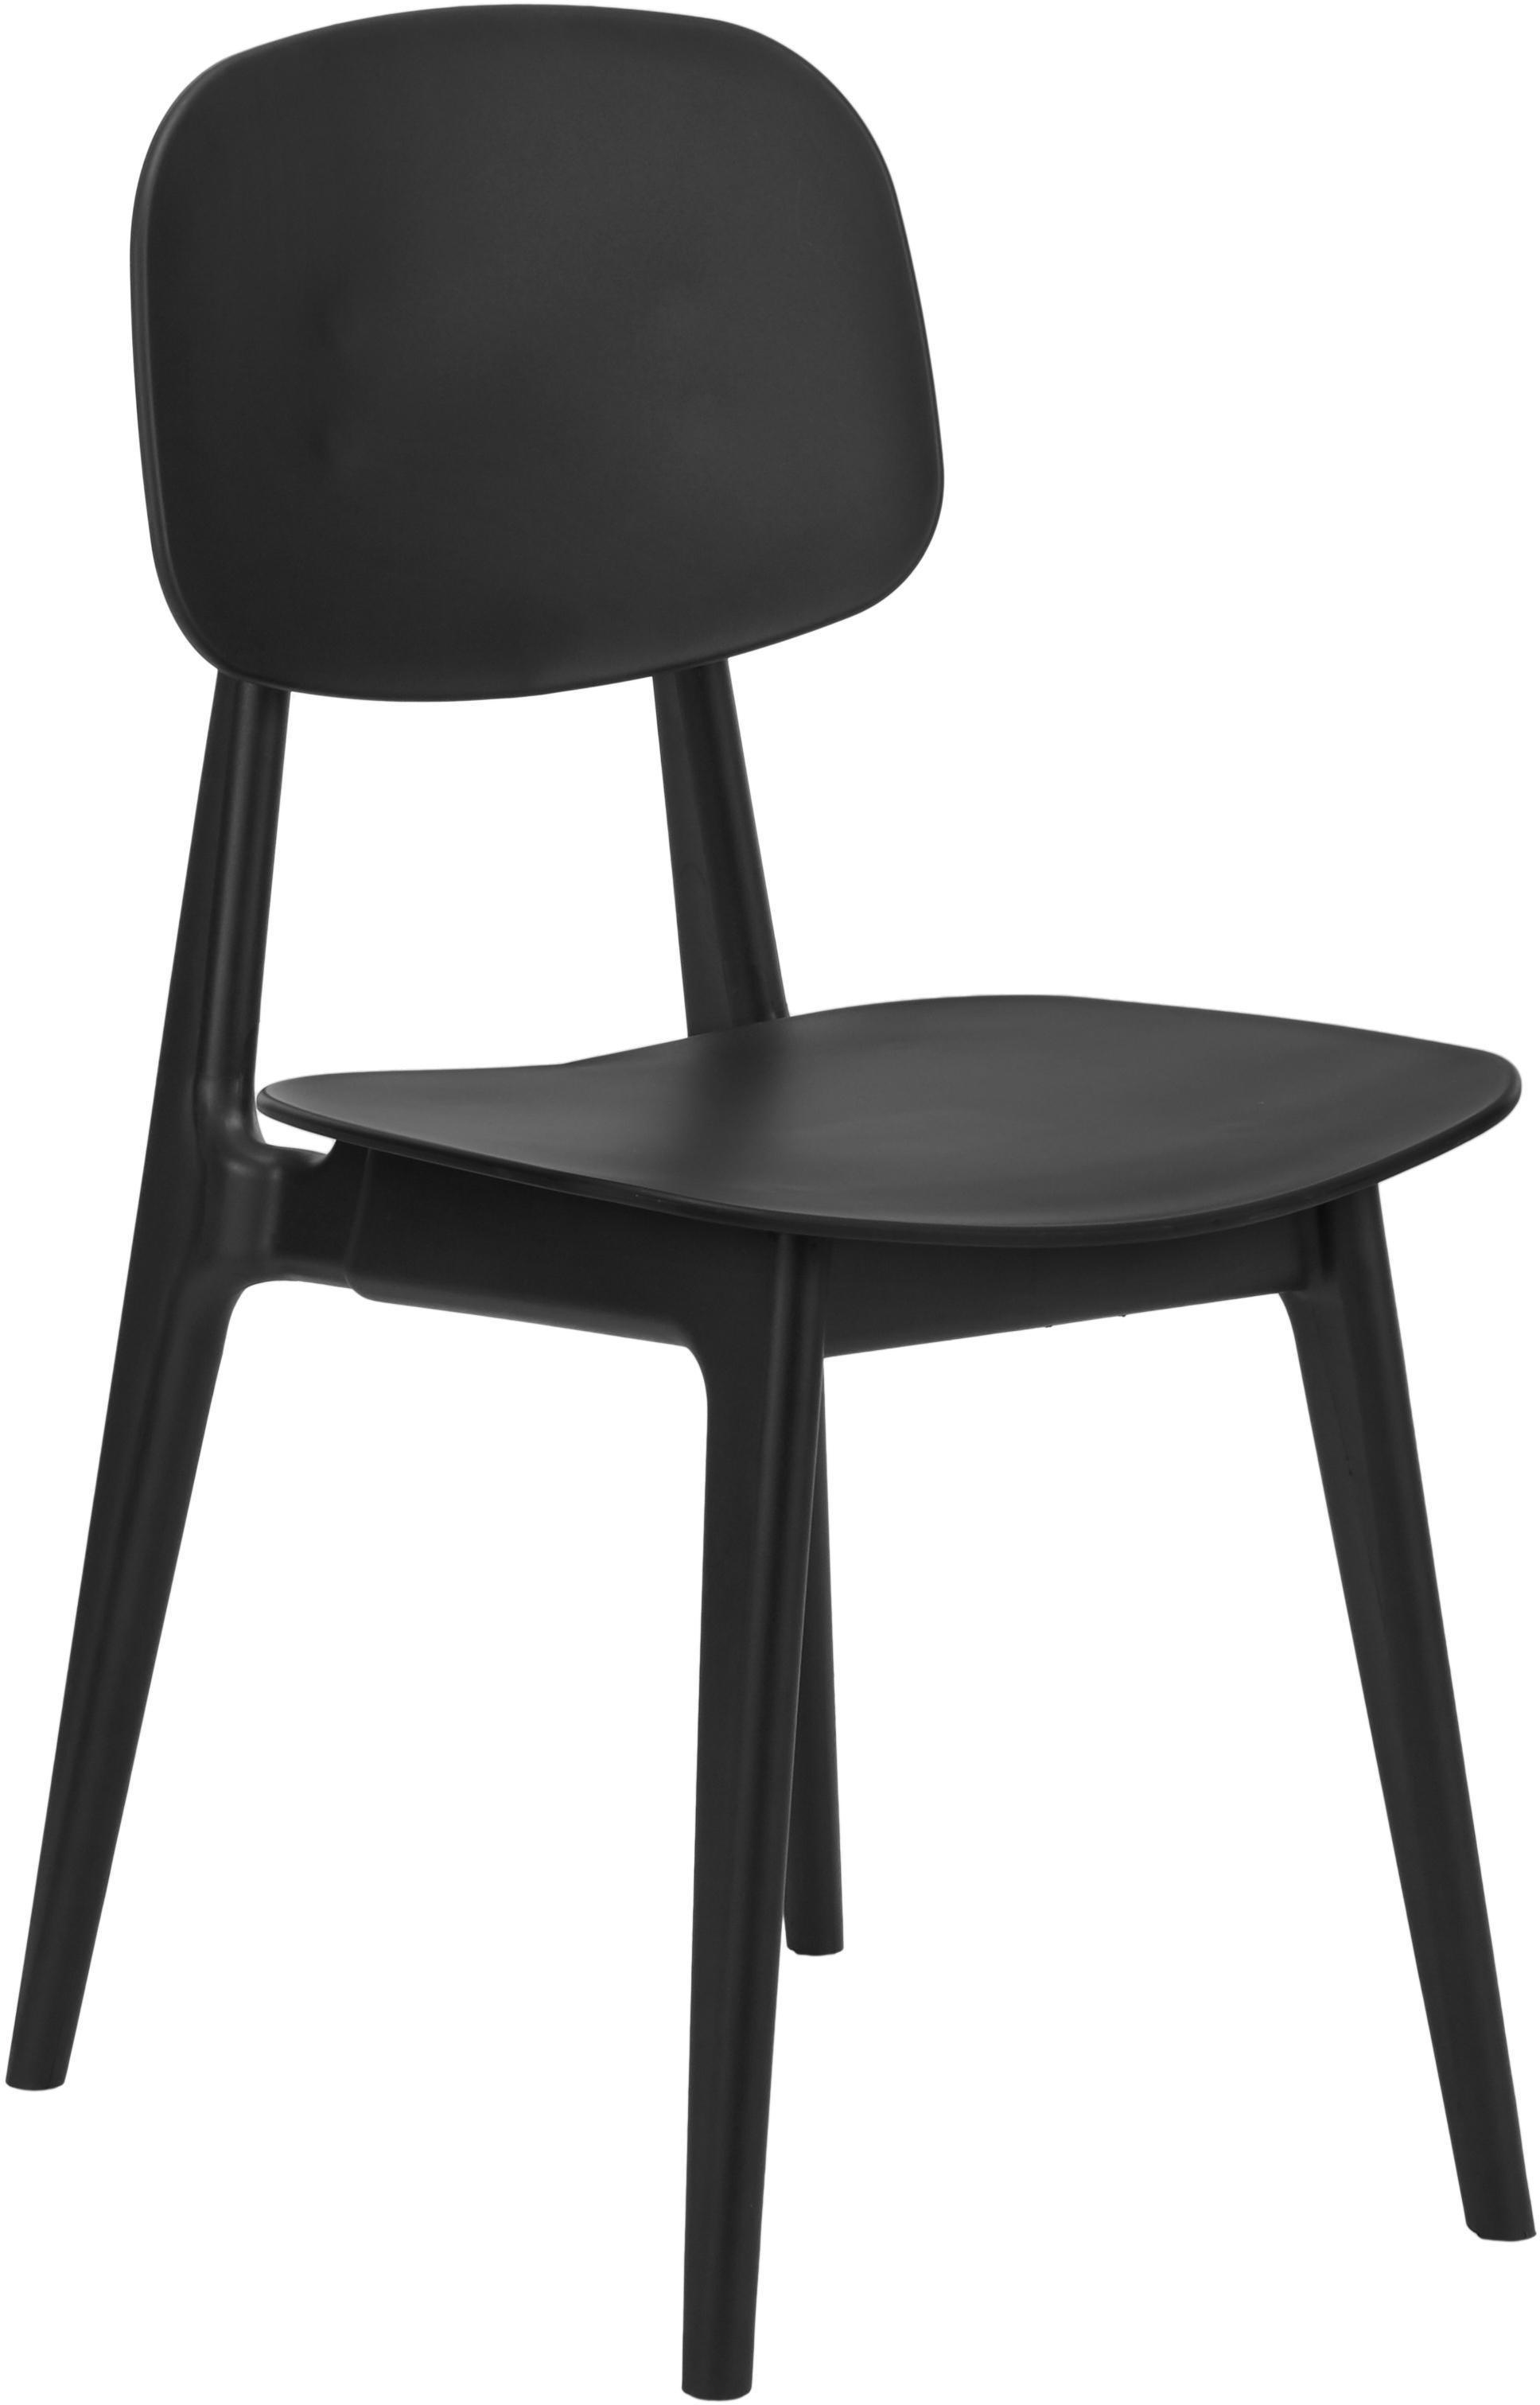 Sillas de plástico Smilla, 2uds., Asiento: plástico, Patas: metal, con pintura en pol, Negro mate, An 43 x F 49 cm